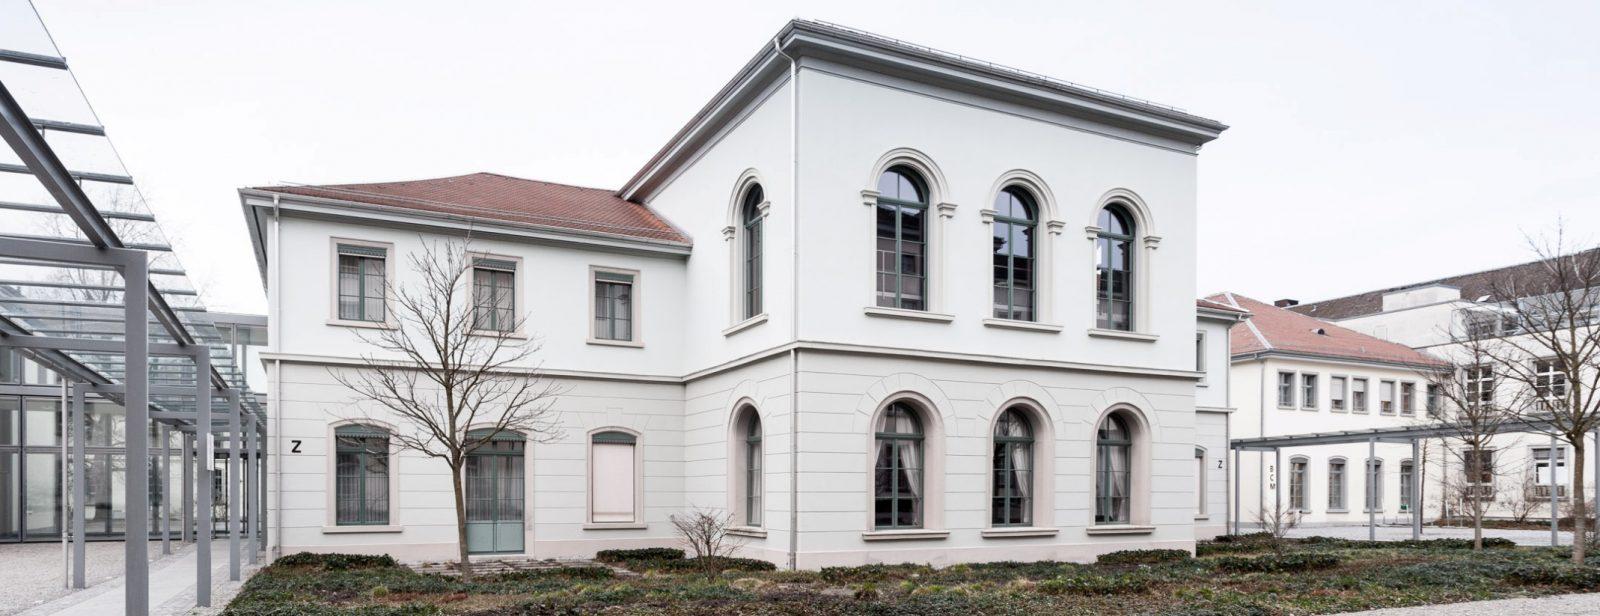 Trakt Z, Psych. Uniklinik, Zürich